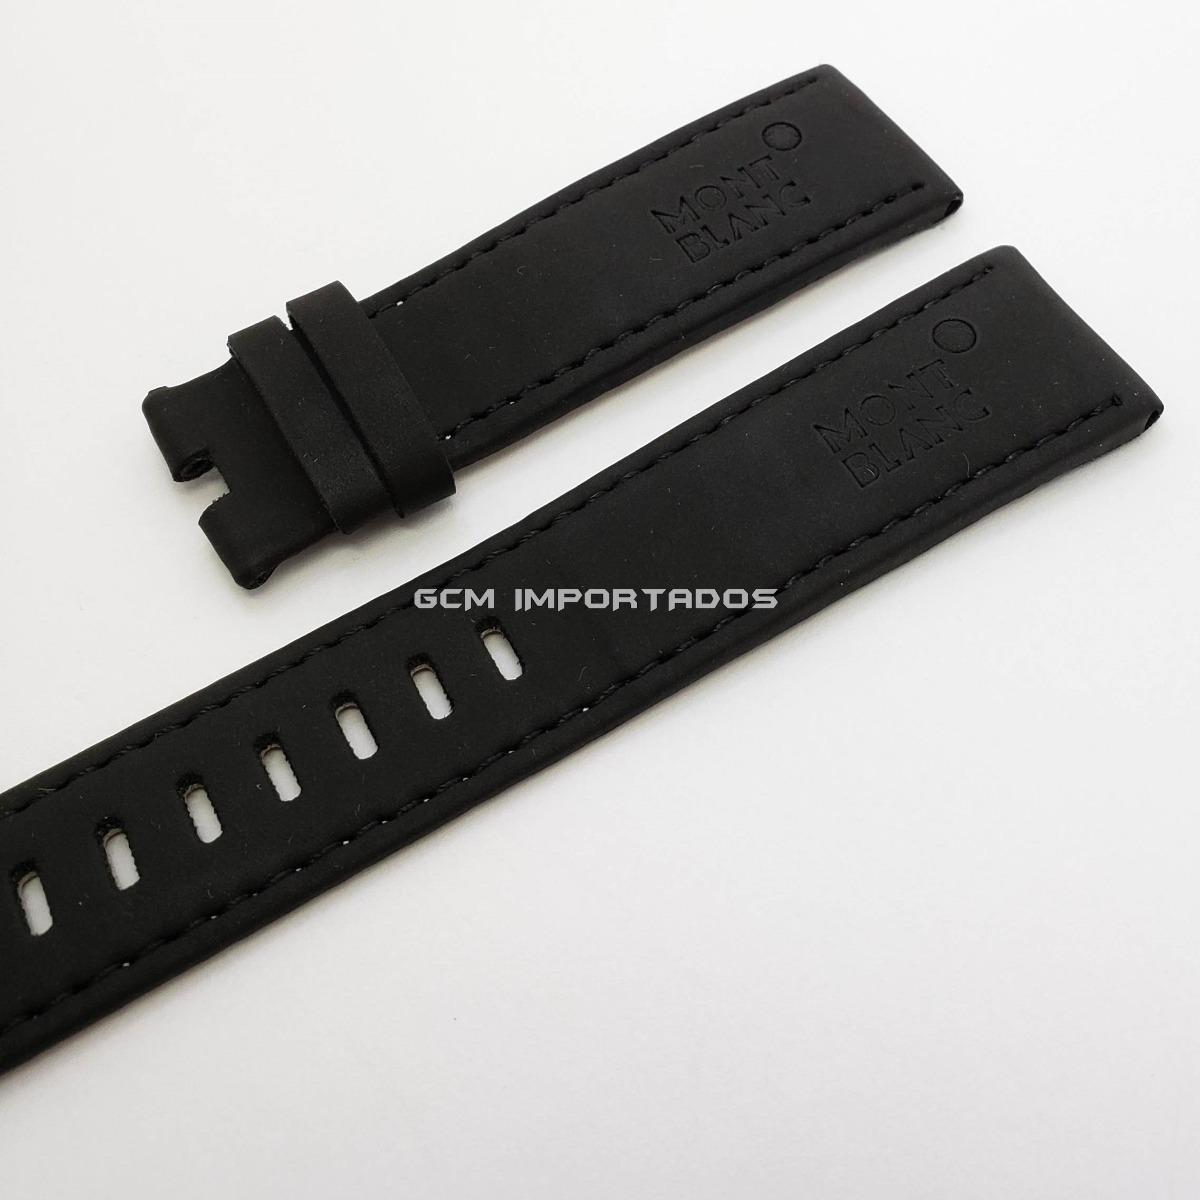 760b07f8a8a pulseira para mont blanc em couro legítimo preto 22 20 mm. Carregando zoom.